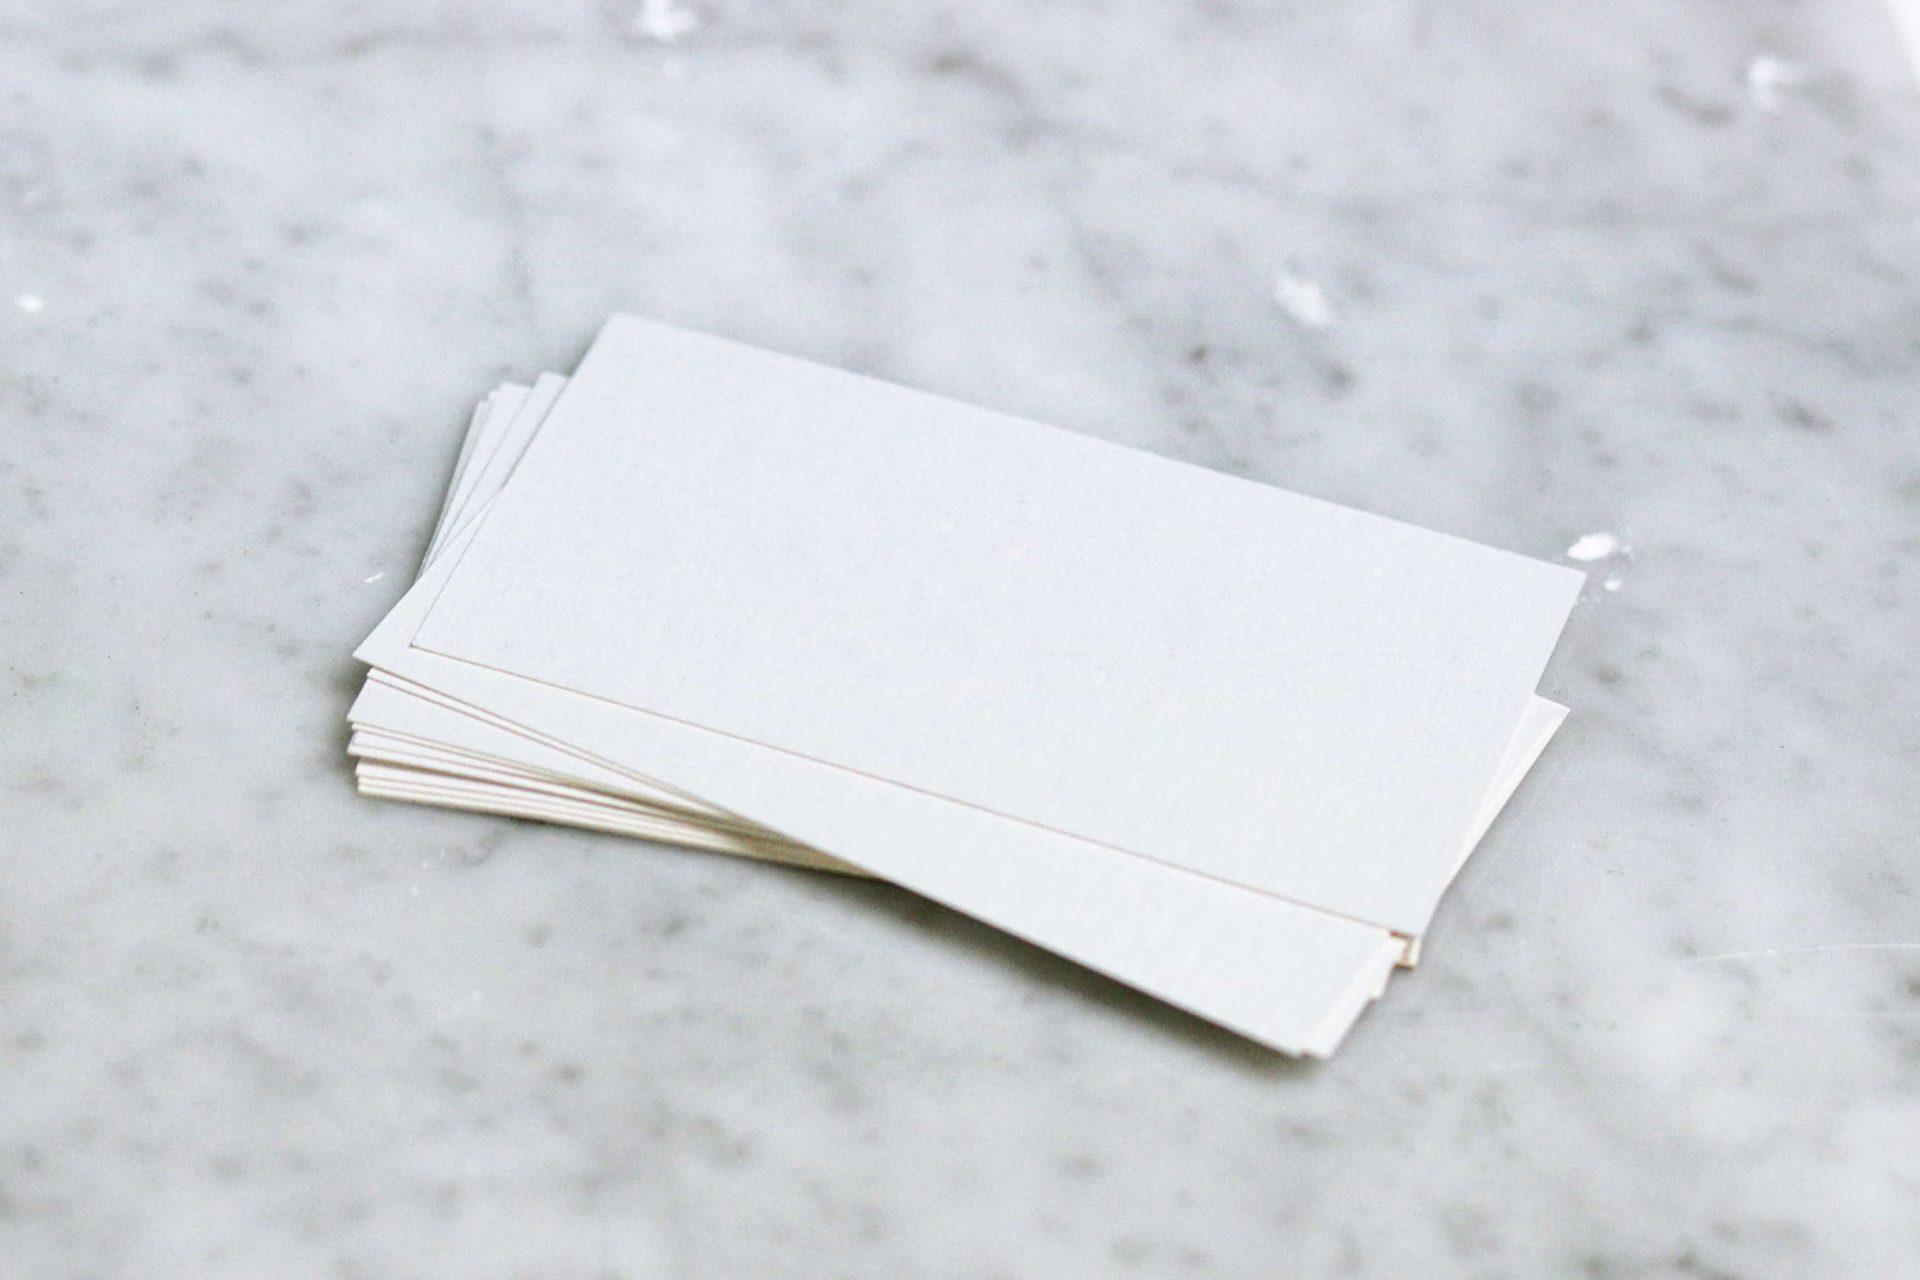 紙が重なっている風景